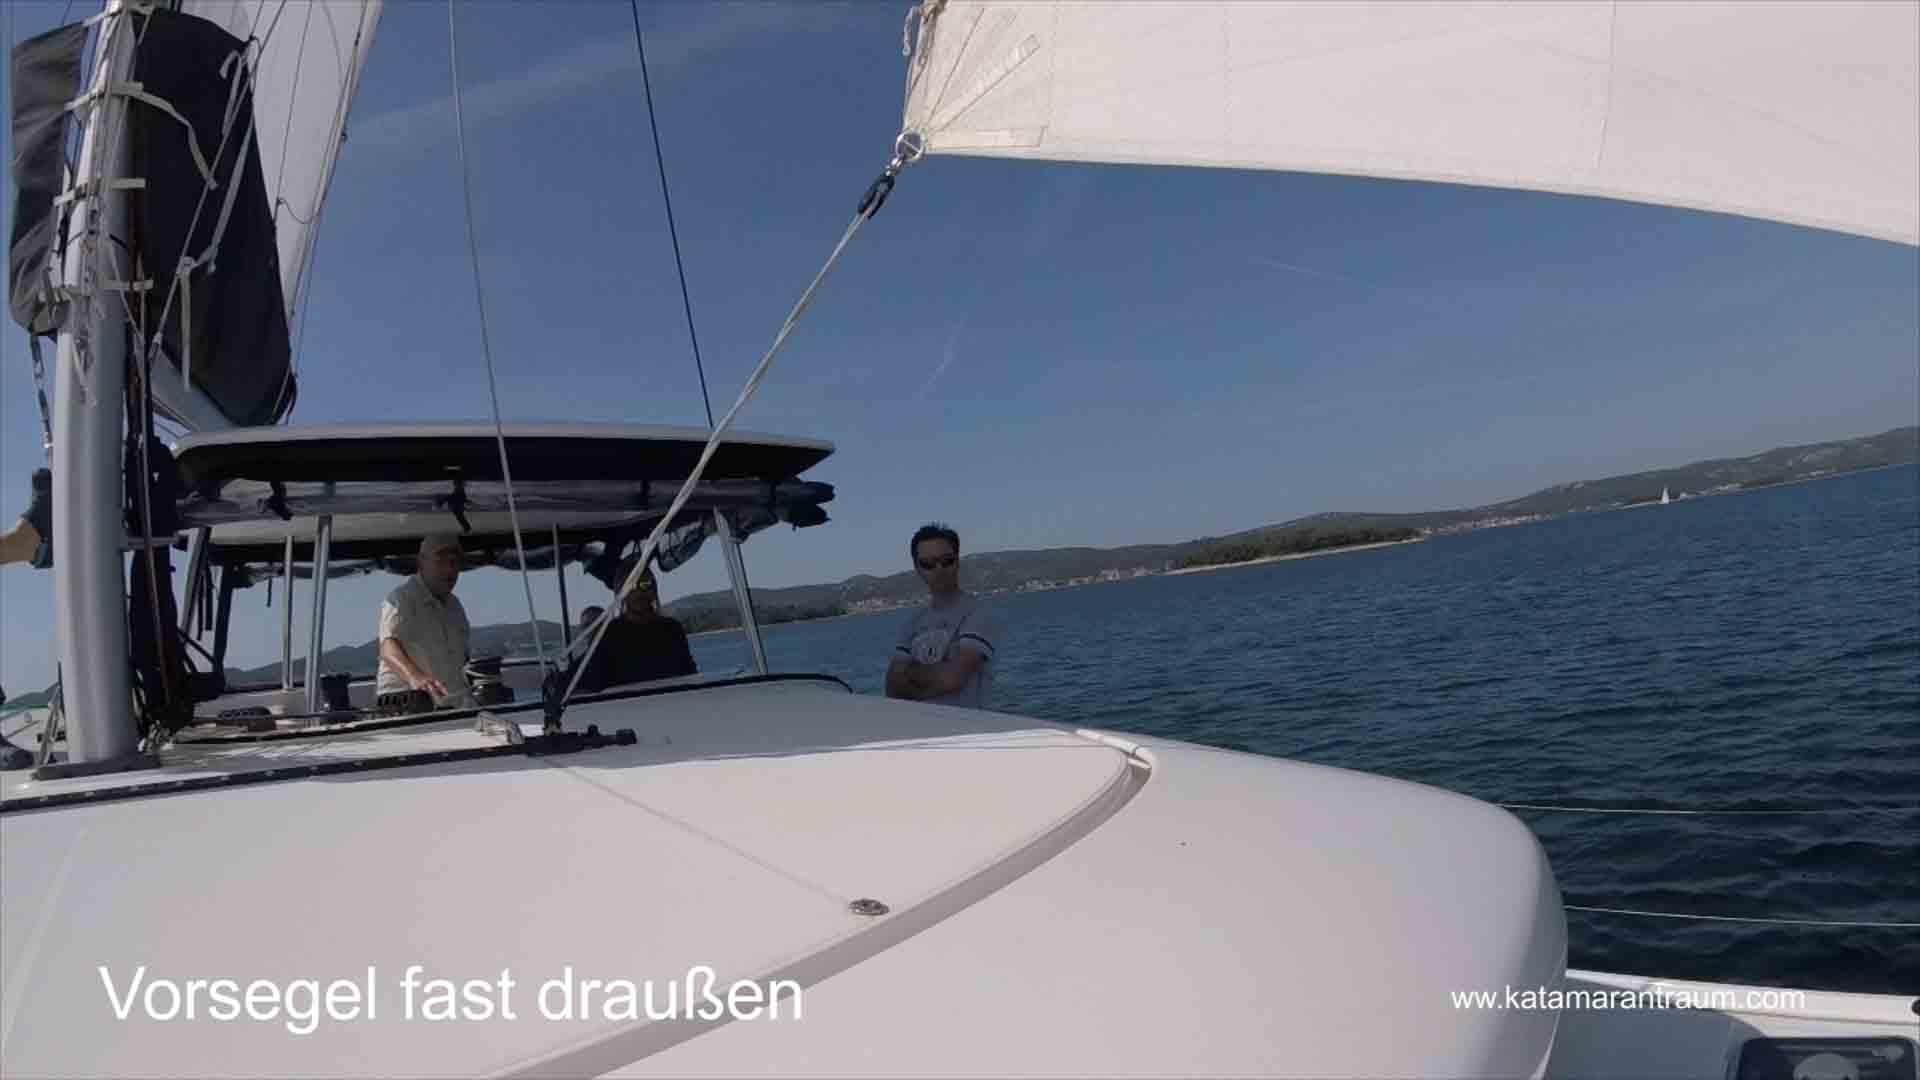 Catamaran skipper training: Head sail is now tuned